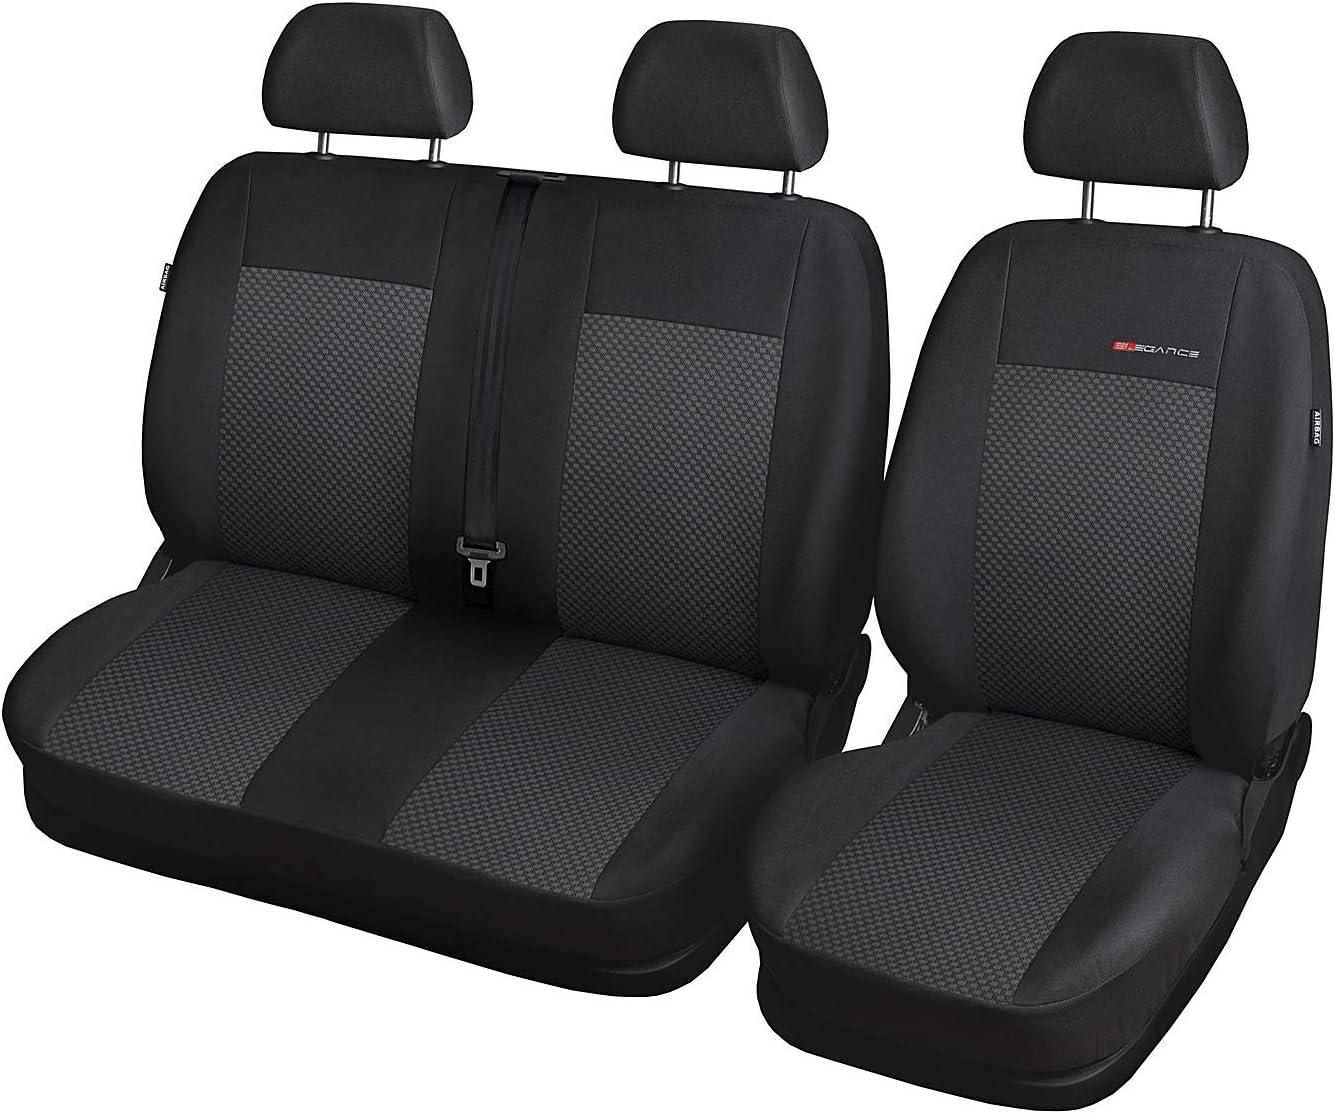 1+2 Autositze vorne Nicht teilbar Bus Sitzbez/üge Polyester Grau mit Airbag 2er Set Saferide Autositzbez/üge Transporter universal f/ür Vordersitze